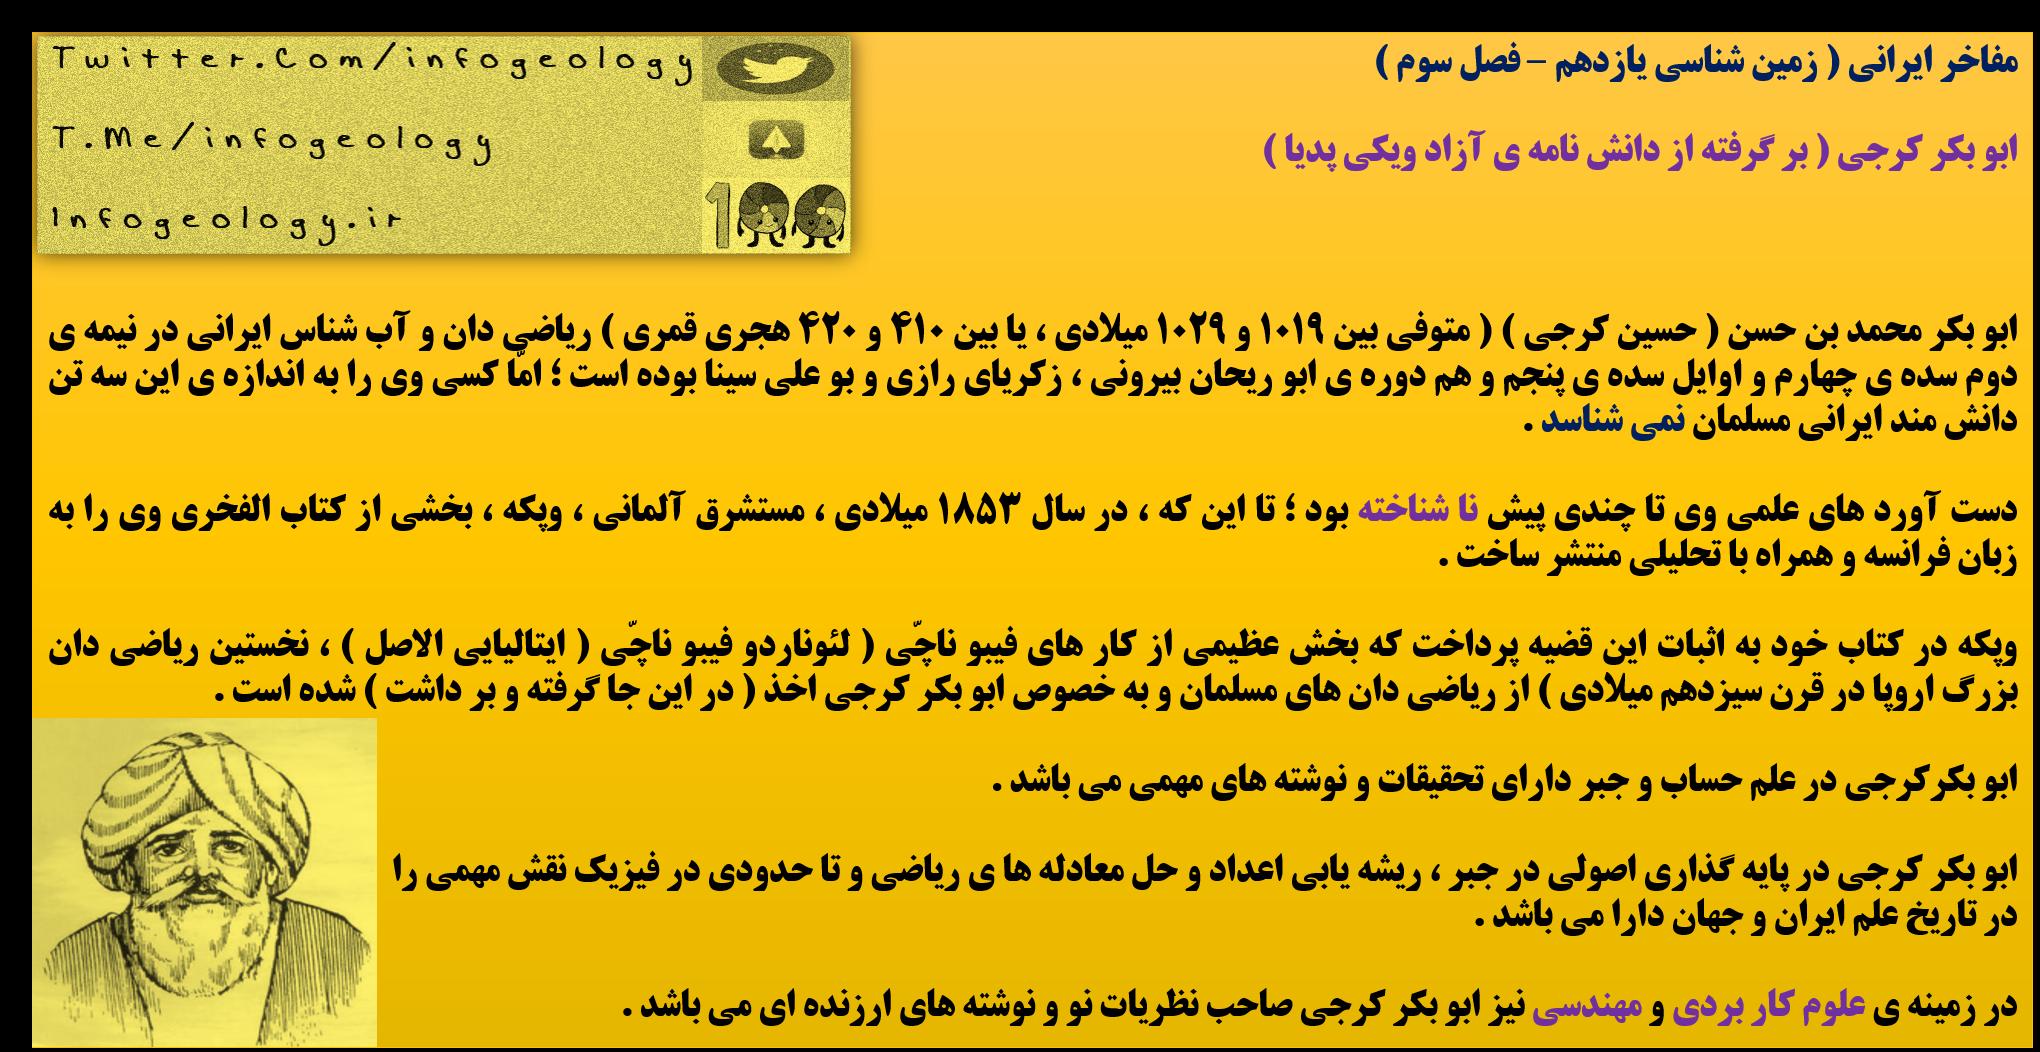 189 - ابو بکر کرجی ( مفاخر ایرانی )